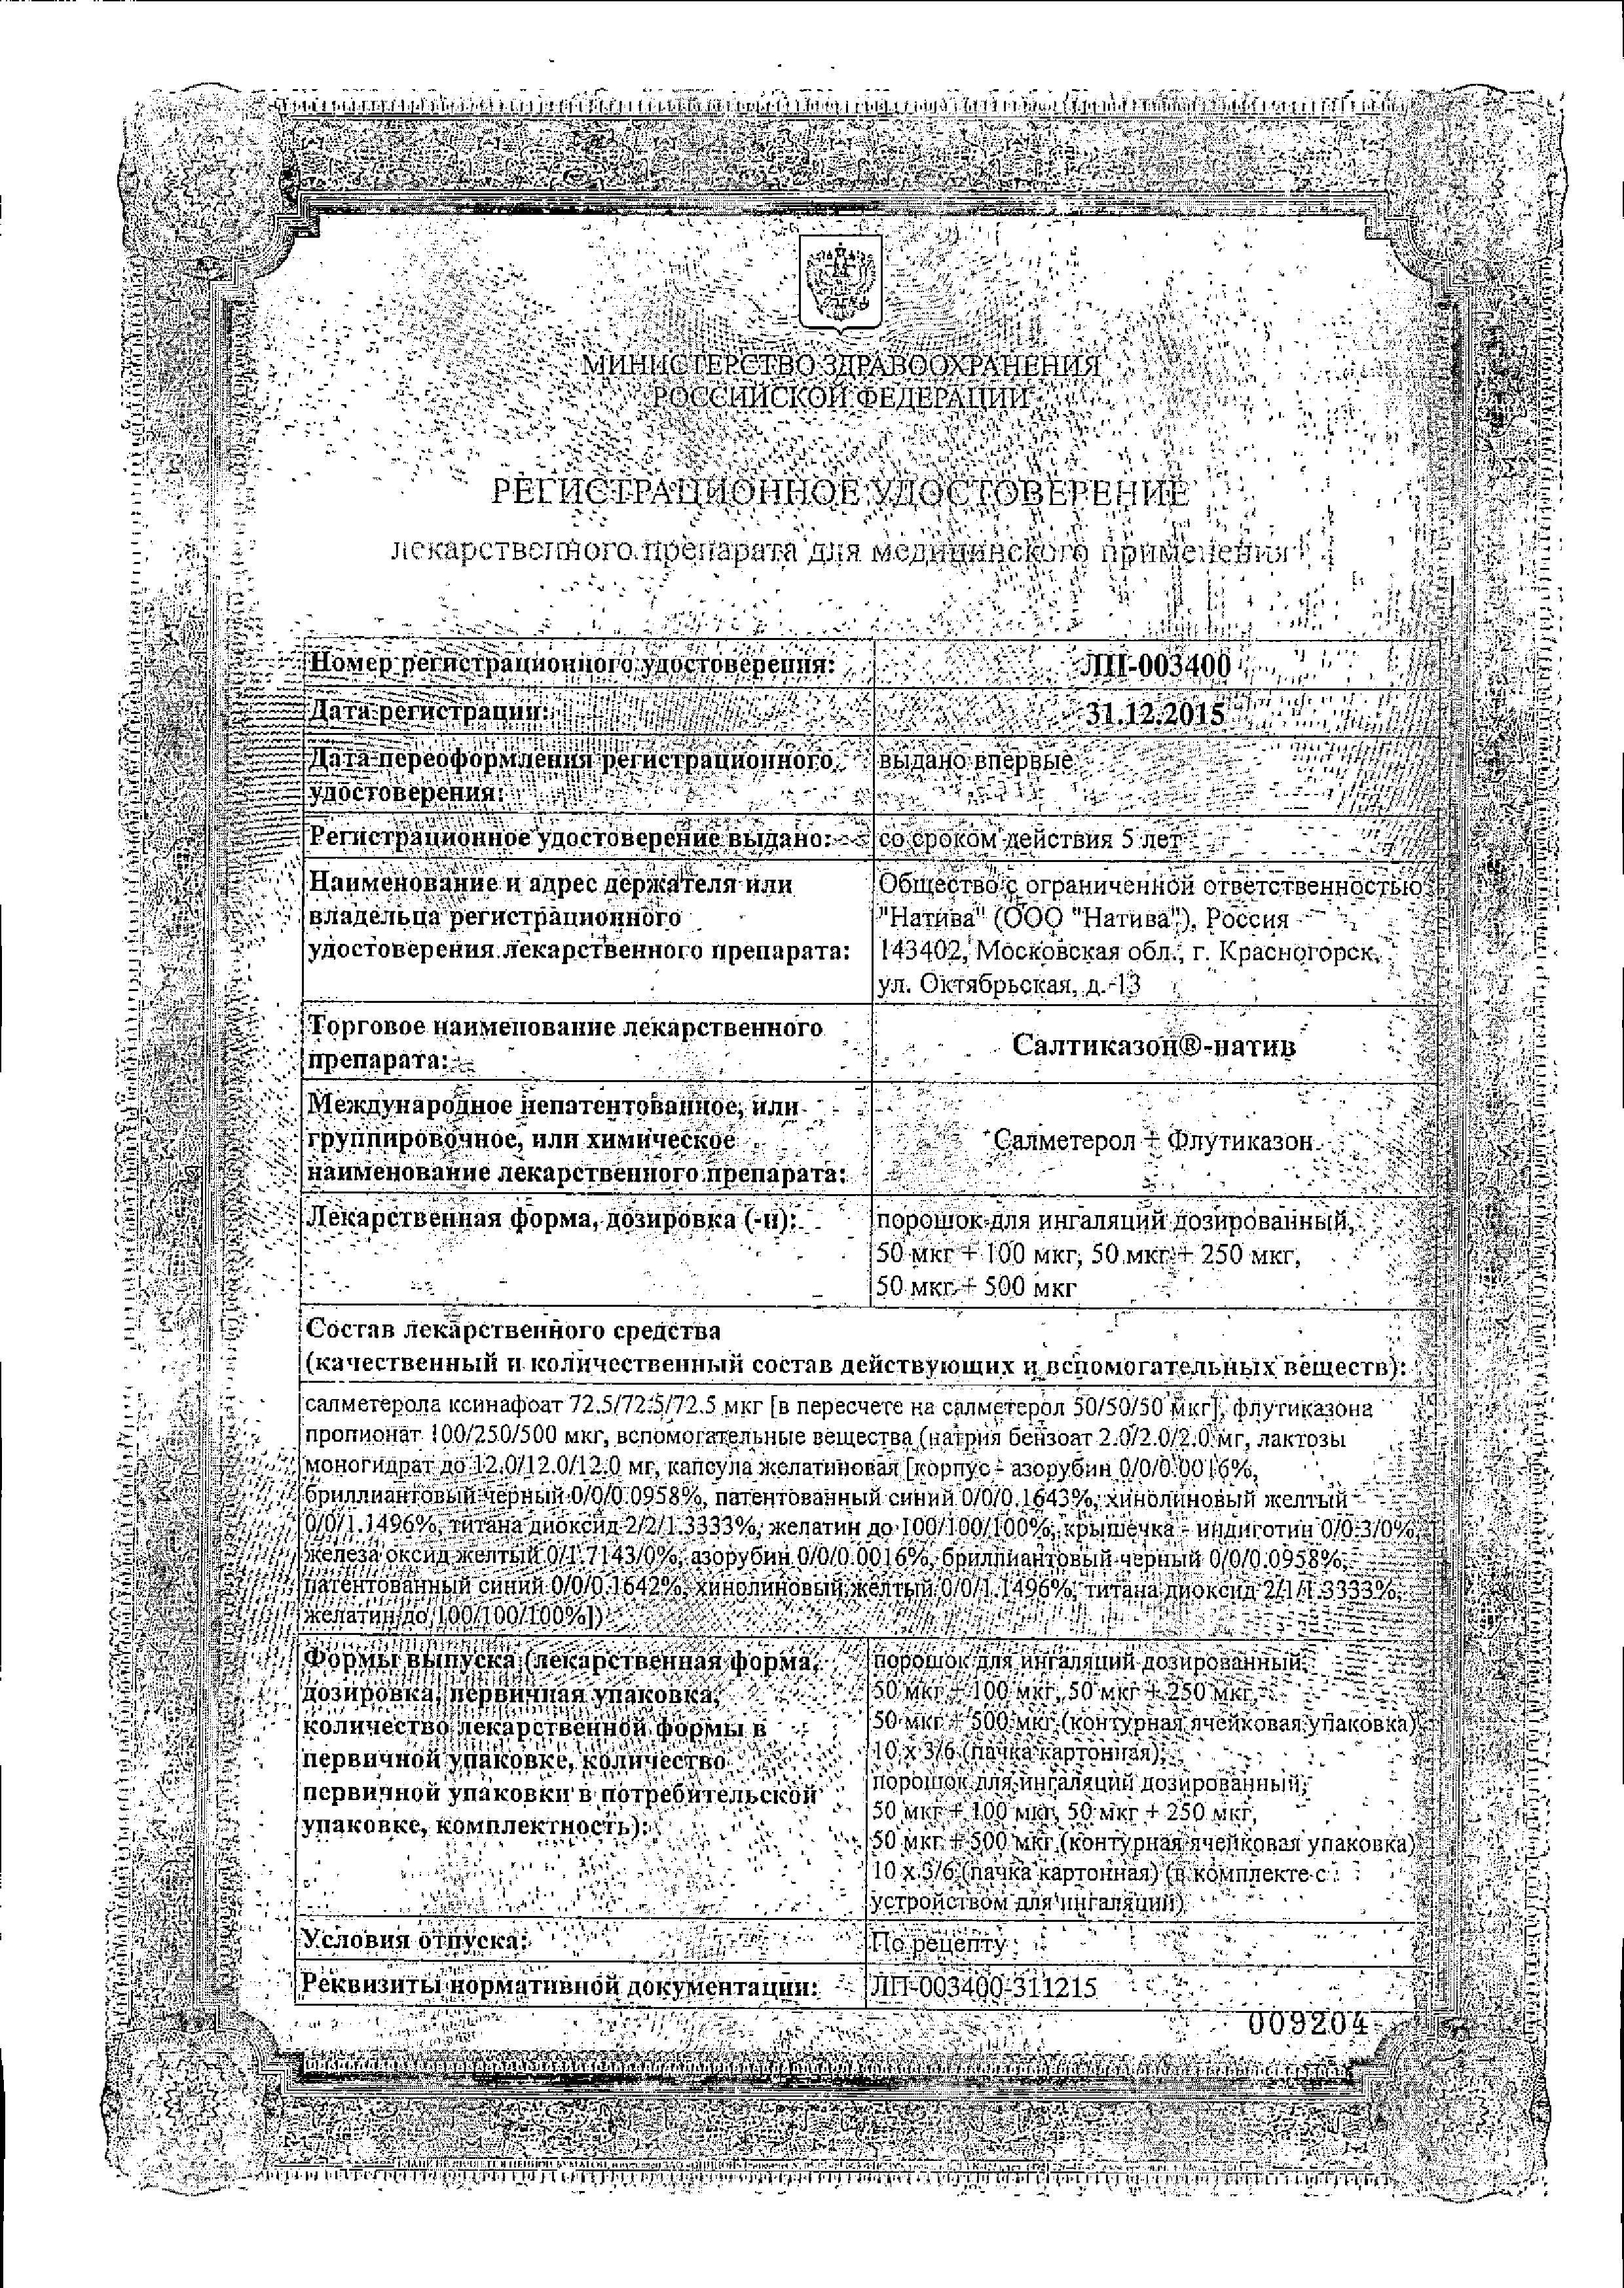 Салтиказон-натив сертификат